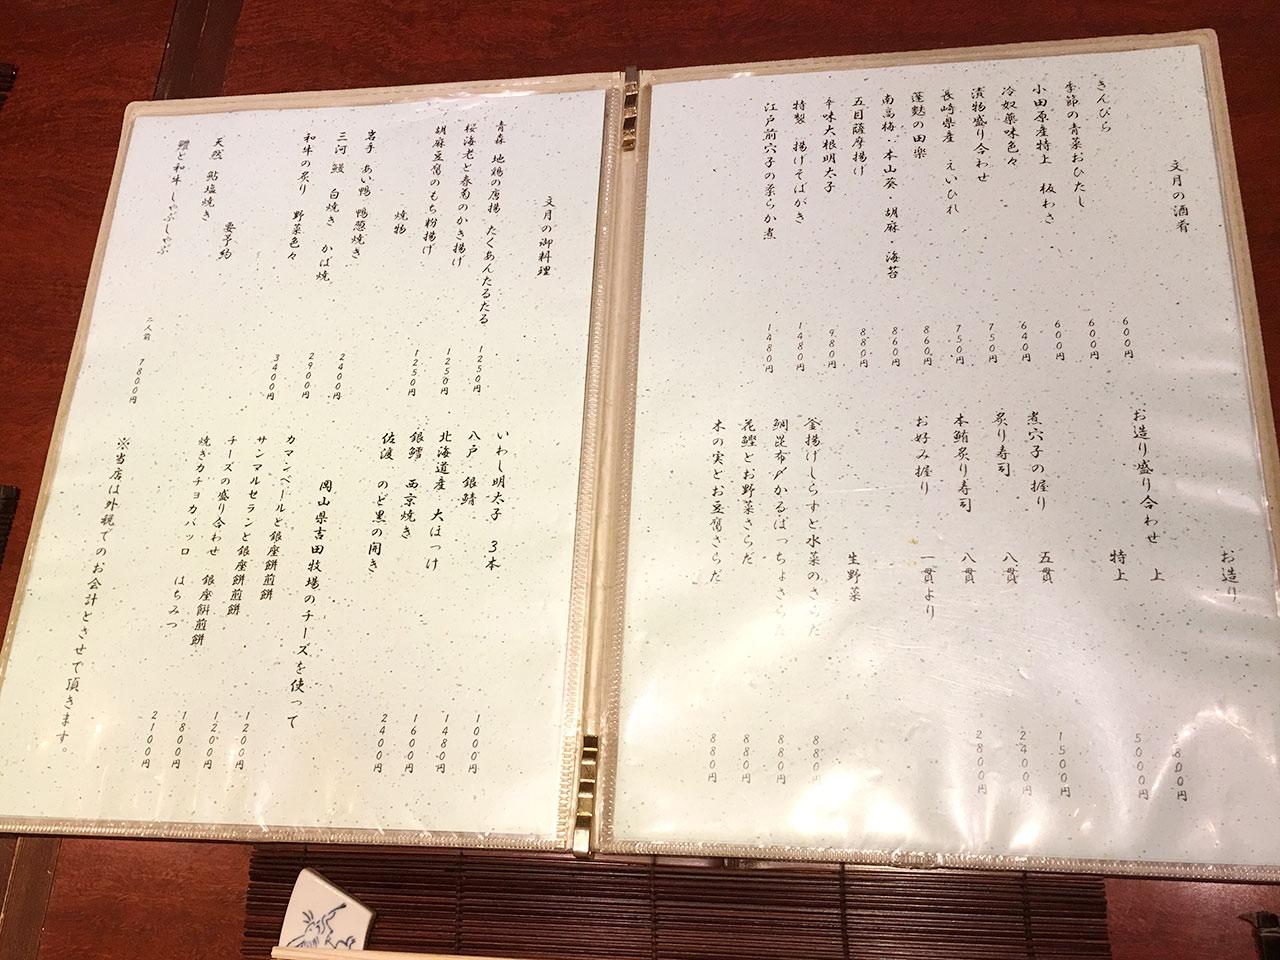 musashikoyama-kurata-dinner-menu02